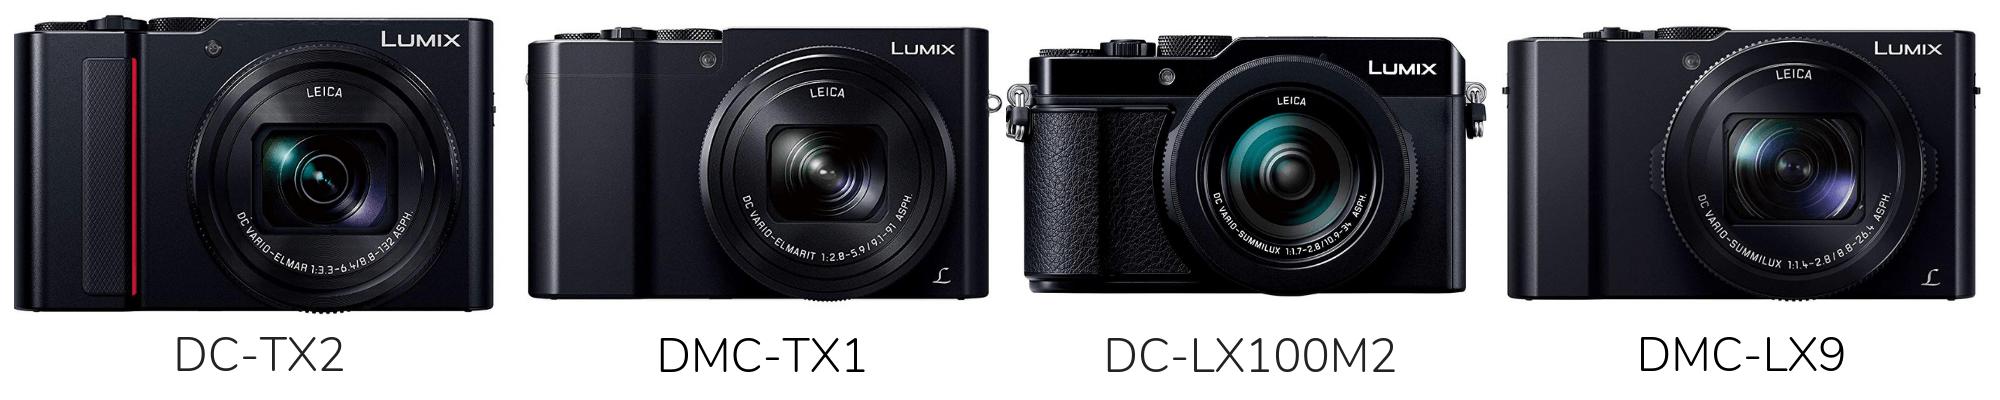 LUMIX プレミアムコンパクト